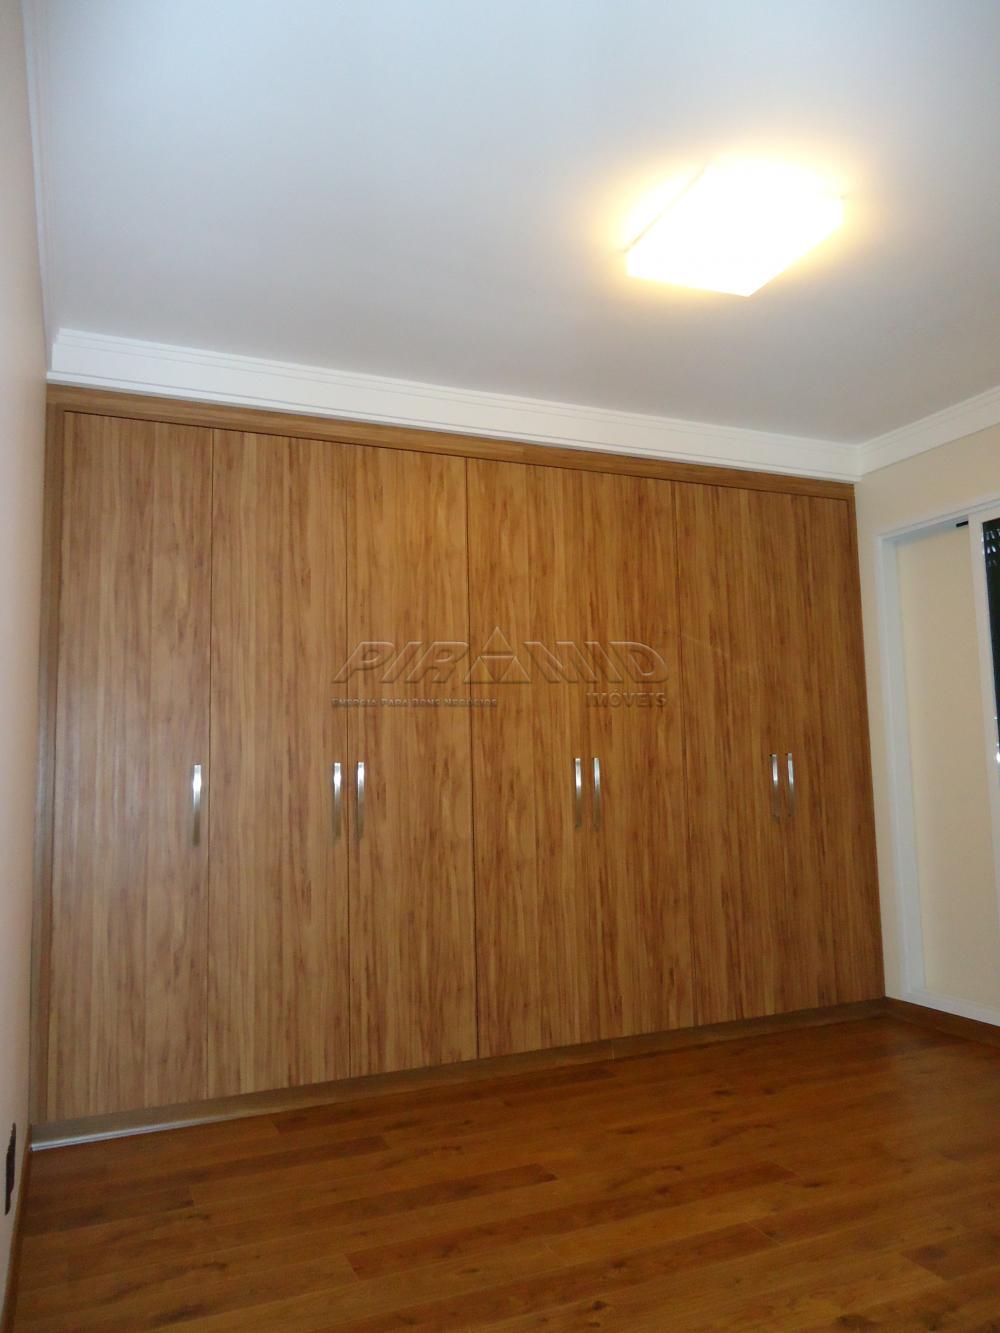 Comprar Casa / Condomínio em Ribeirão Preto apenas R$ 2.600.000,00 - Foto 28